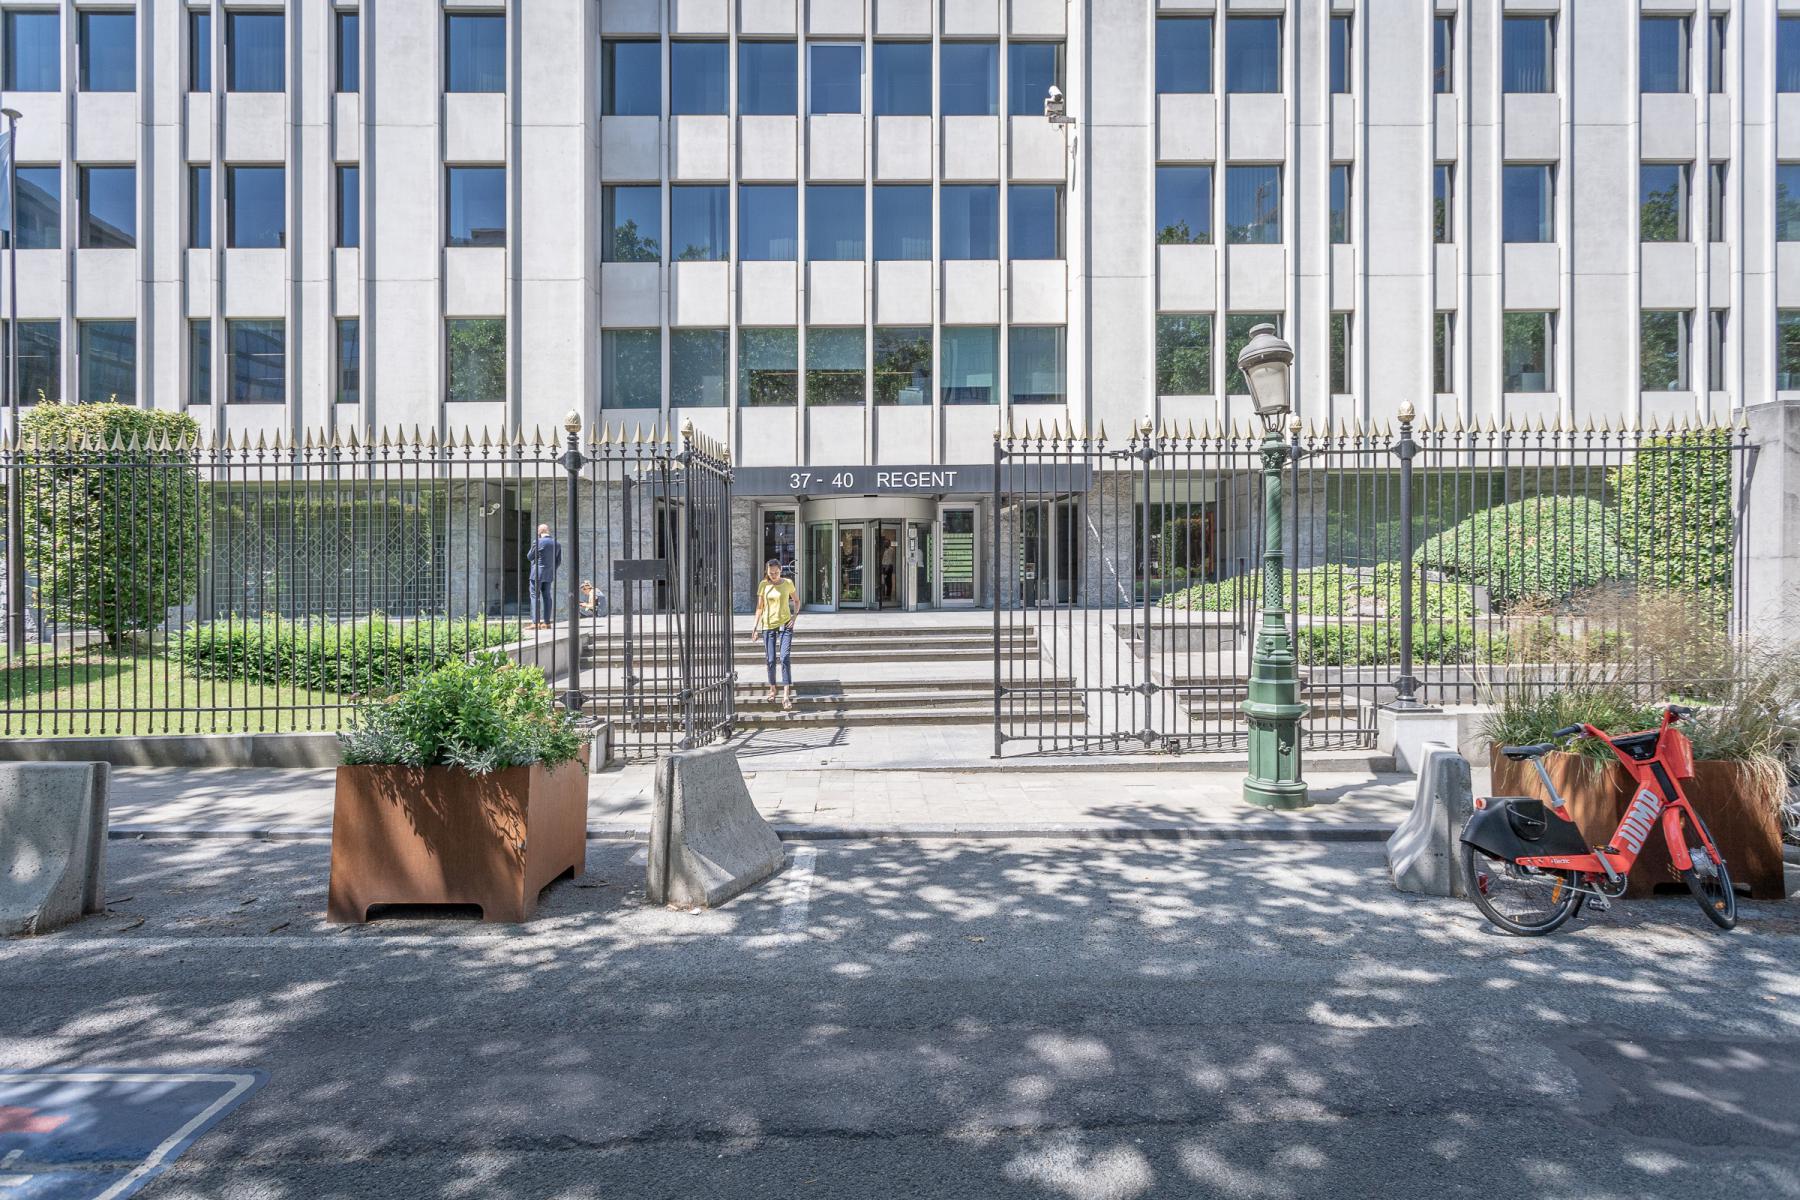 Kantoor te huur Regentlaan / Boulevard du Régent 37-40, Brussel (12)